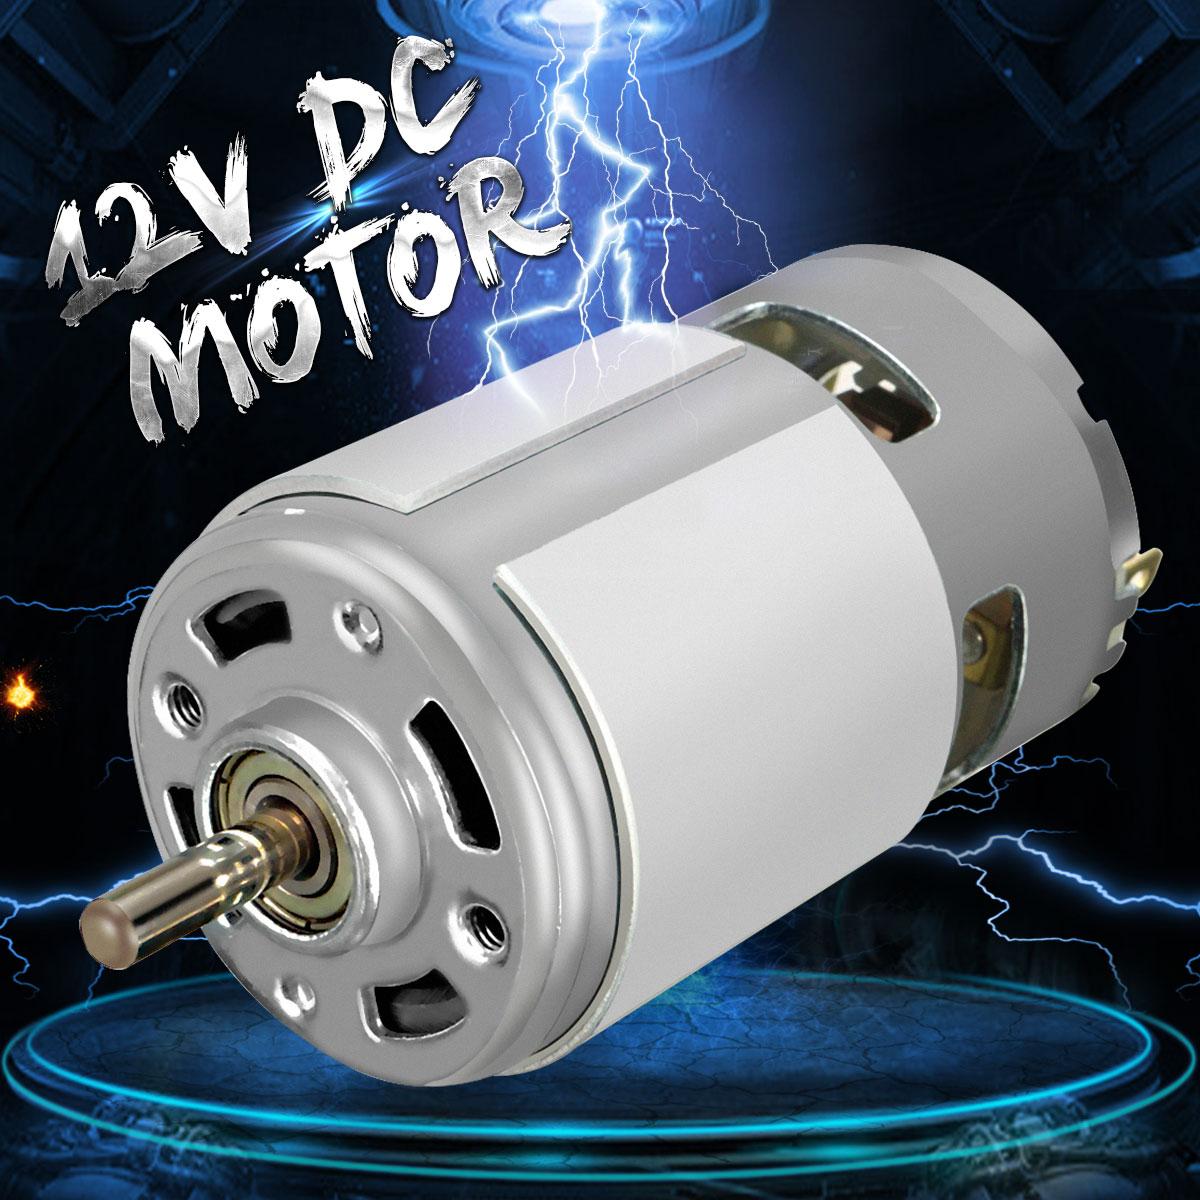 DC 12 V 100 W RPM 775 motor de alta velocidad gran par DC motor Herramienta eléctrica maquinaria eléctrica